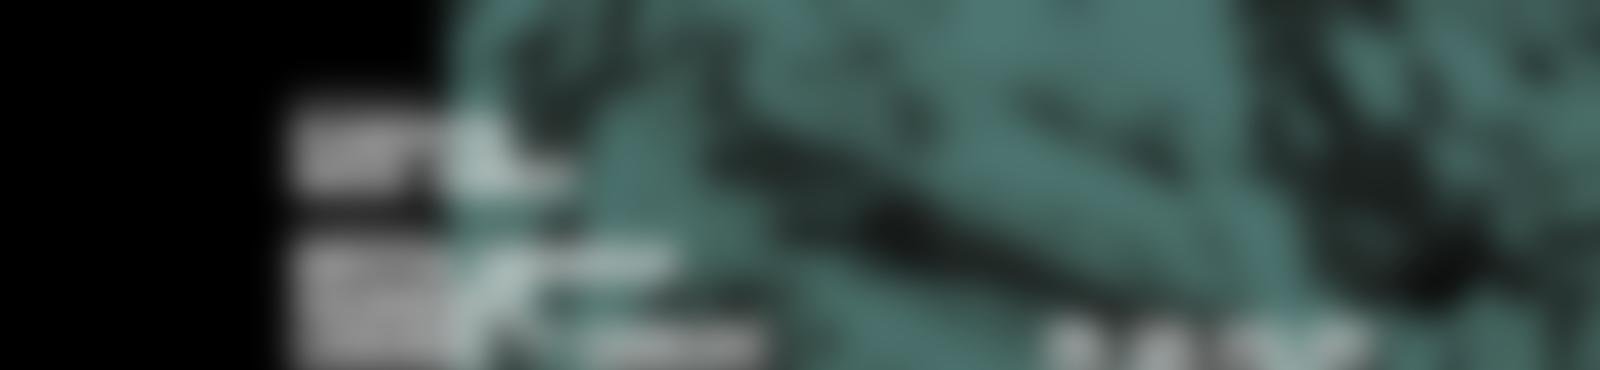 Blurred 212dafeb 1a9a 45b2 a9ed 93b7b9ef72a3